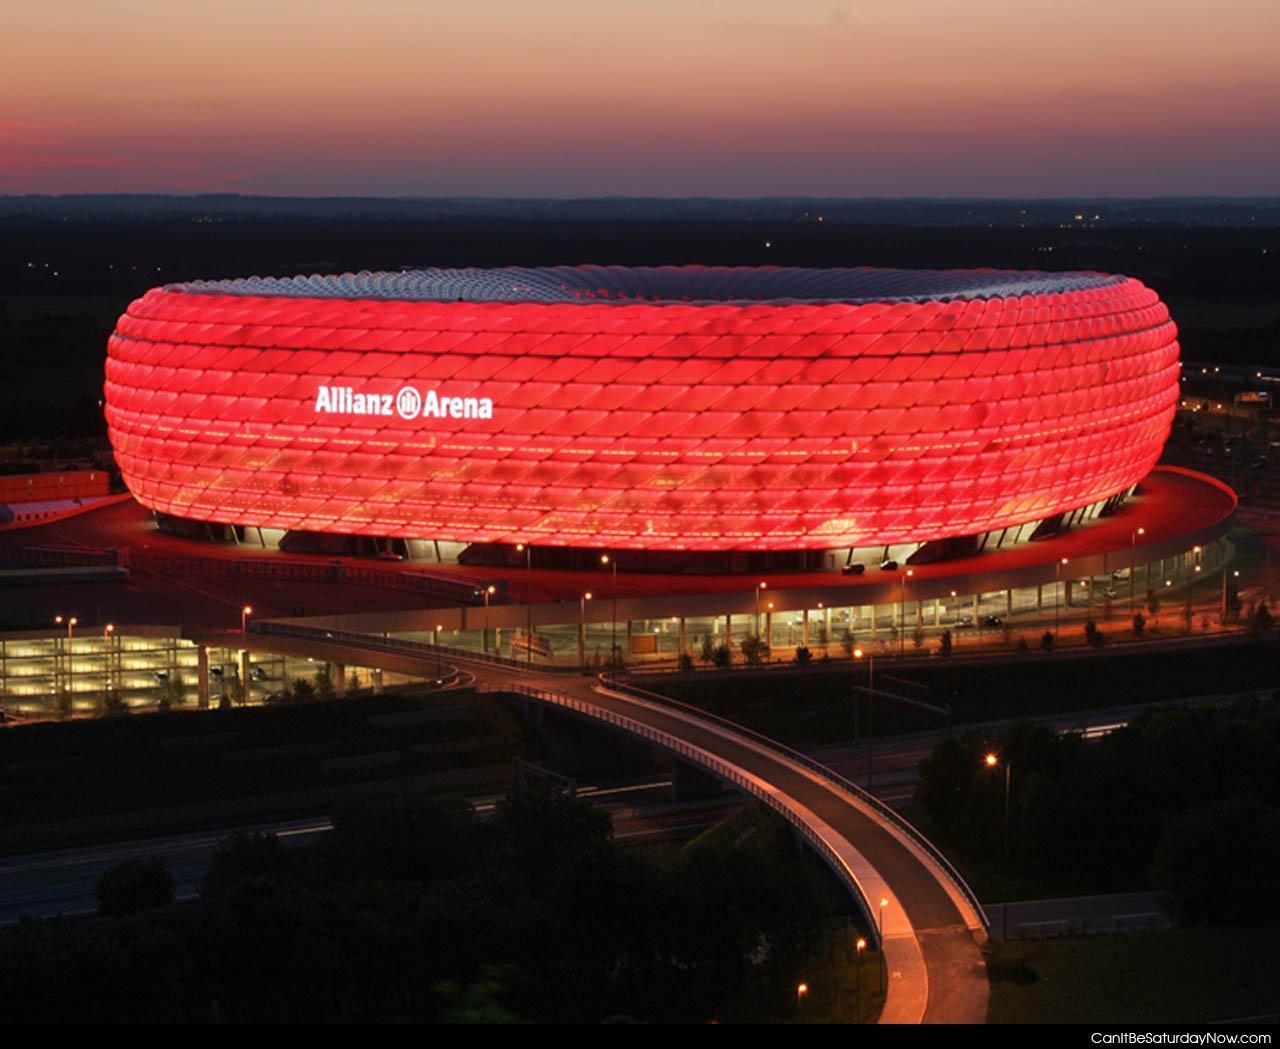 Обои альянц арена, мюнхен, подсветка, германия, стадион. Города foto 11